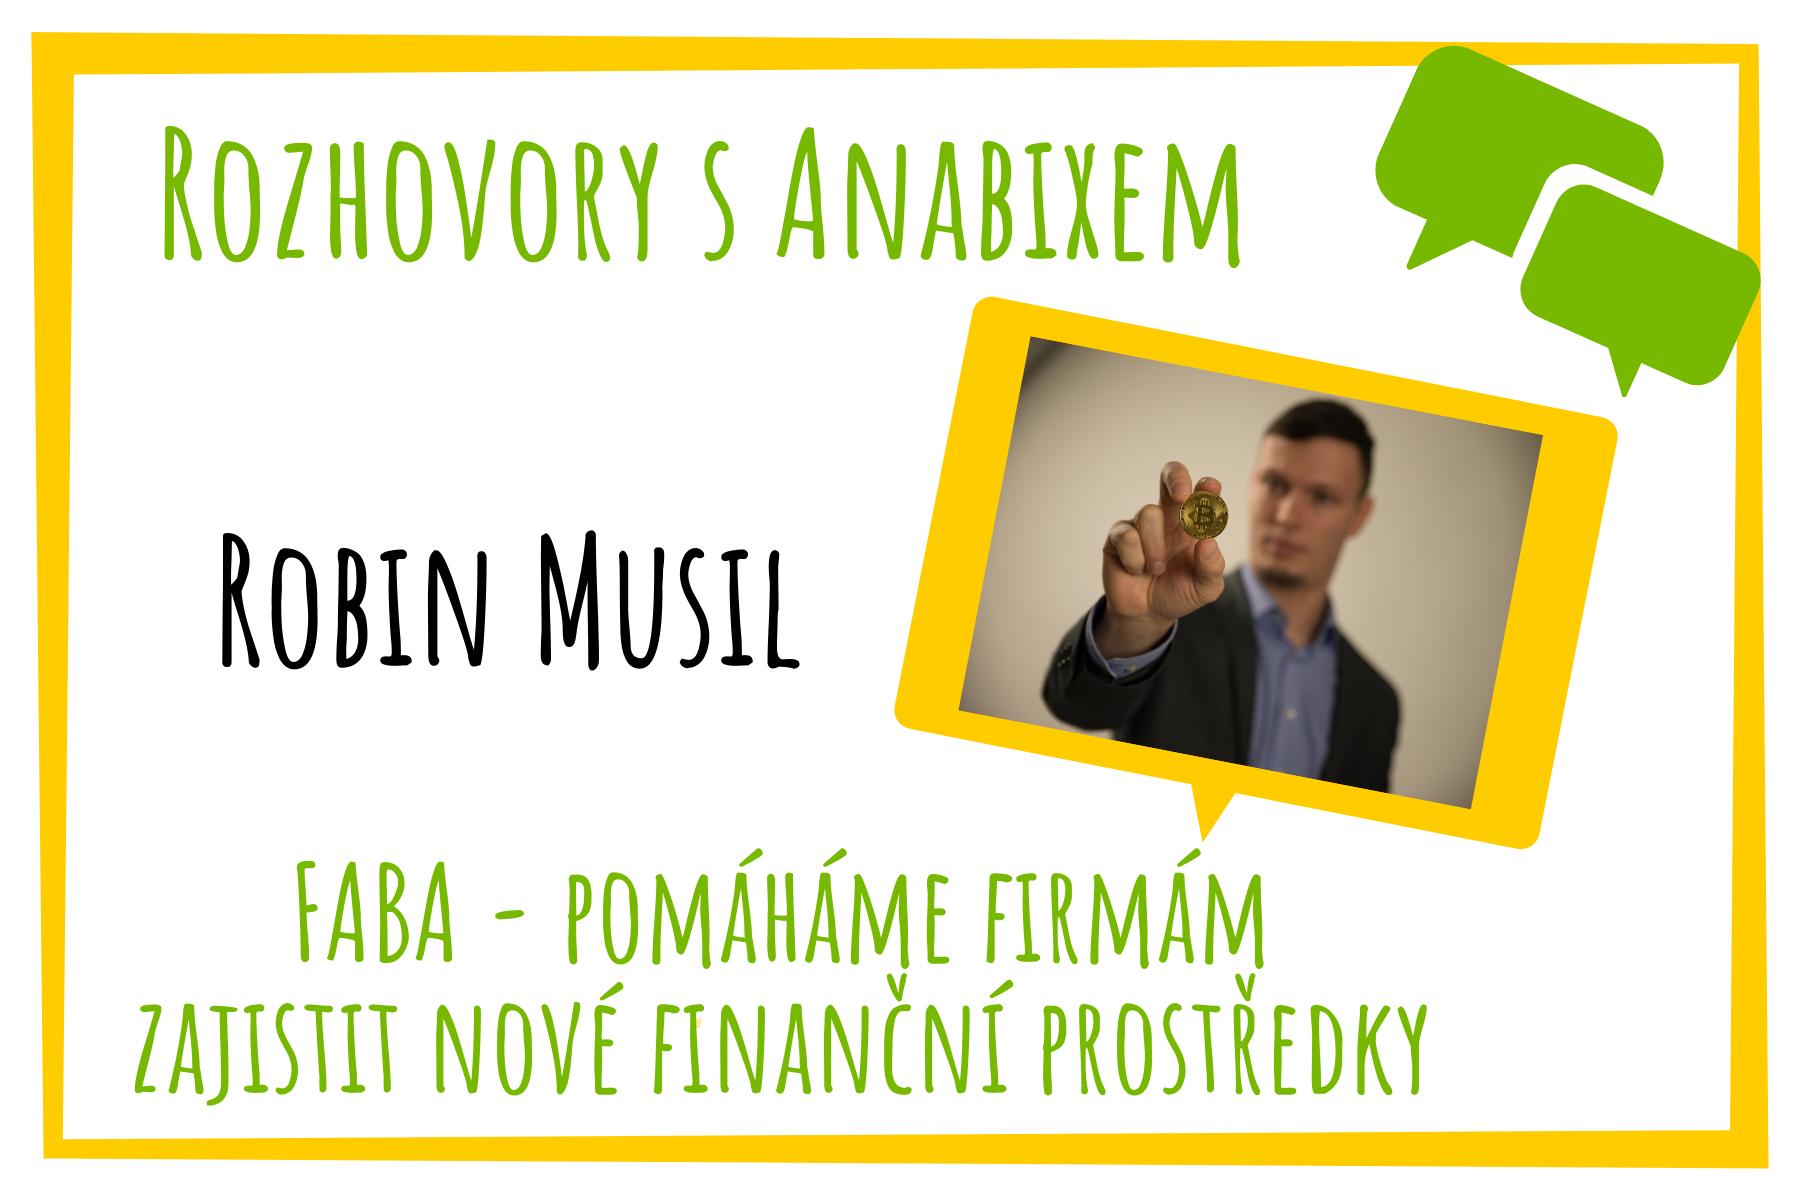 Rozhovory sAnabixem - Robin Musil